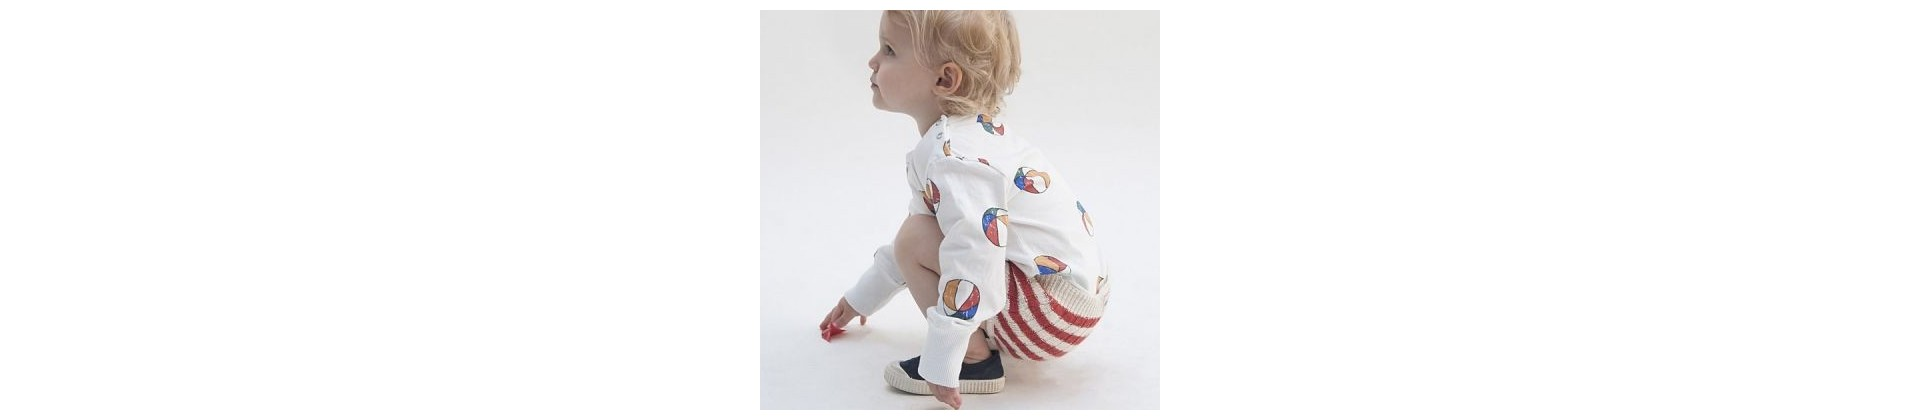 Nouvelles marques tendances de vêtements pour bébés - Mode de créateurs bébés et enfants